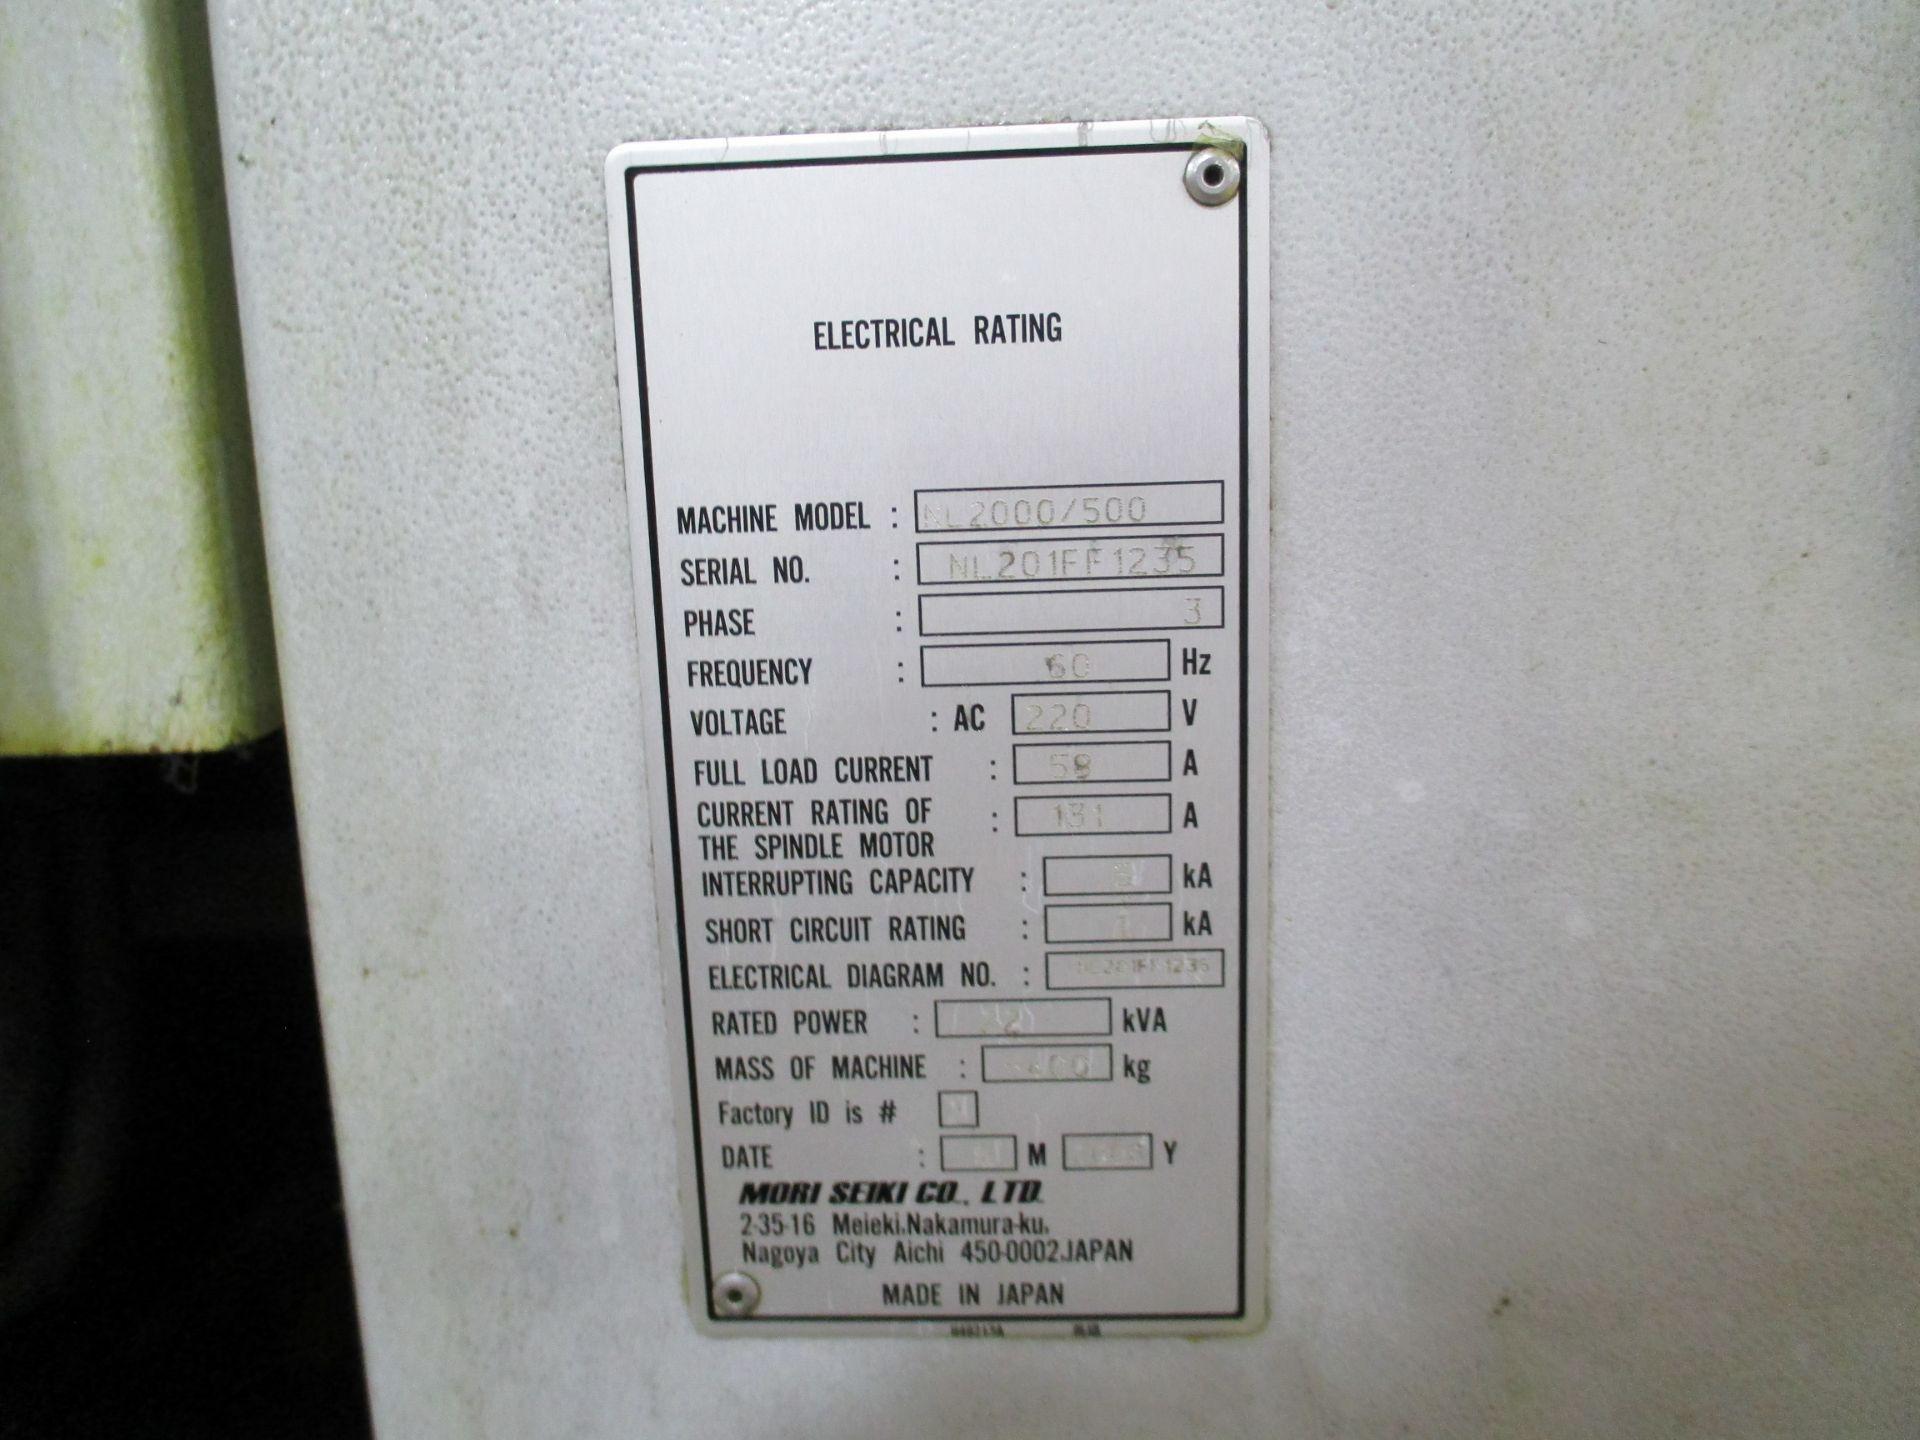 2008 Mori Seiki NL2000/500 CNC Turning Center - Image 8 of 8